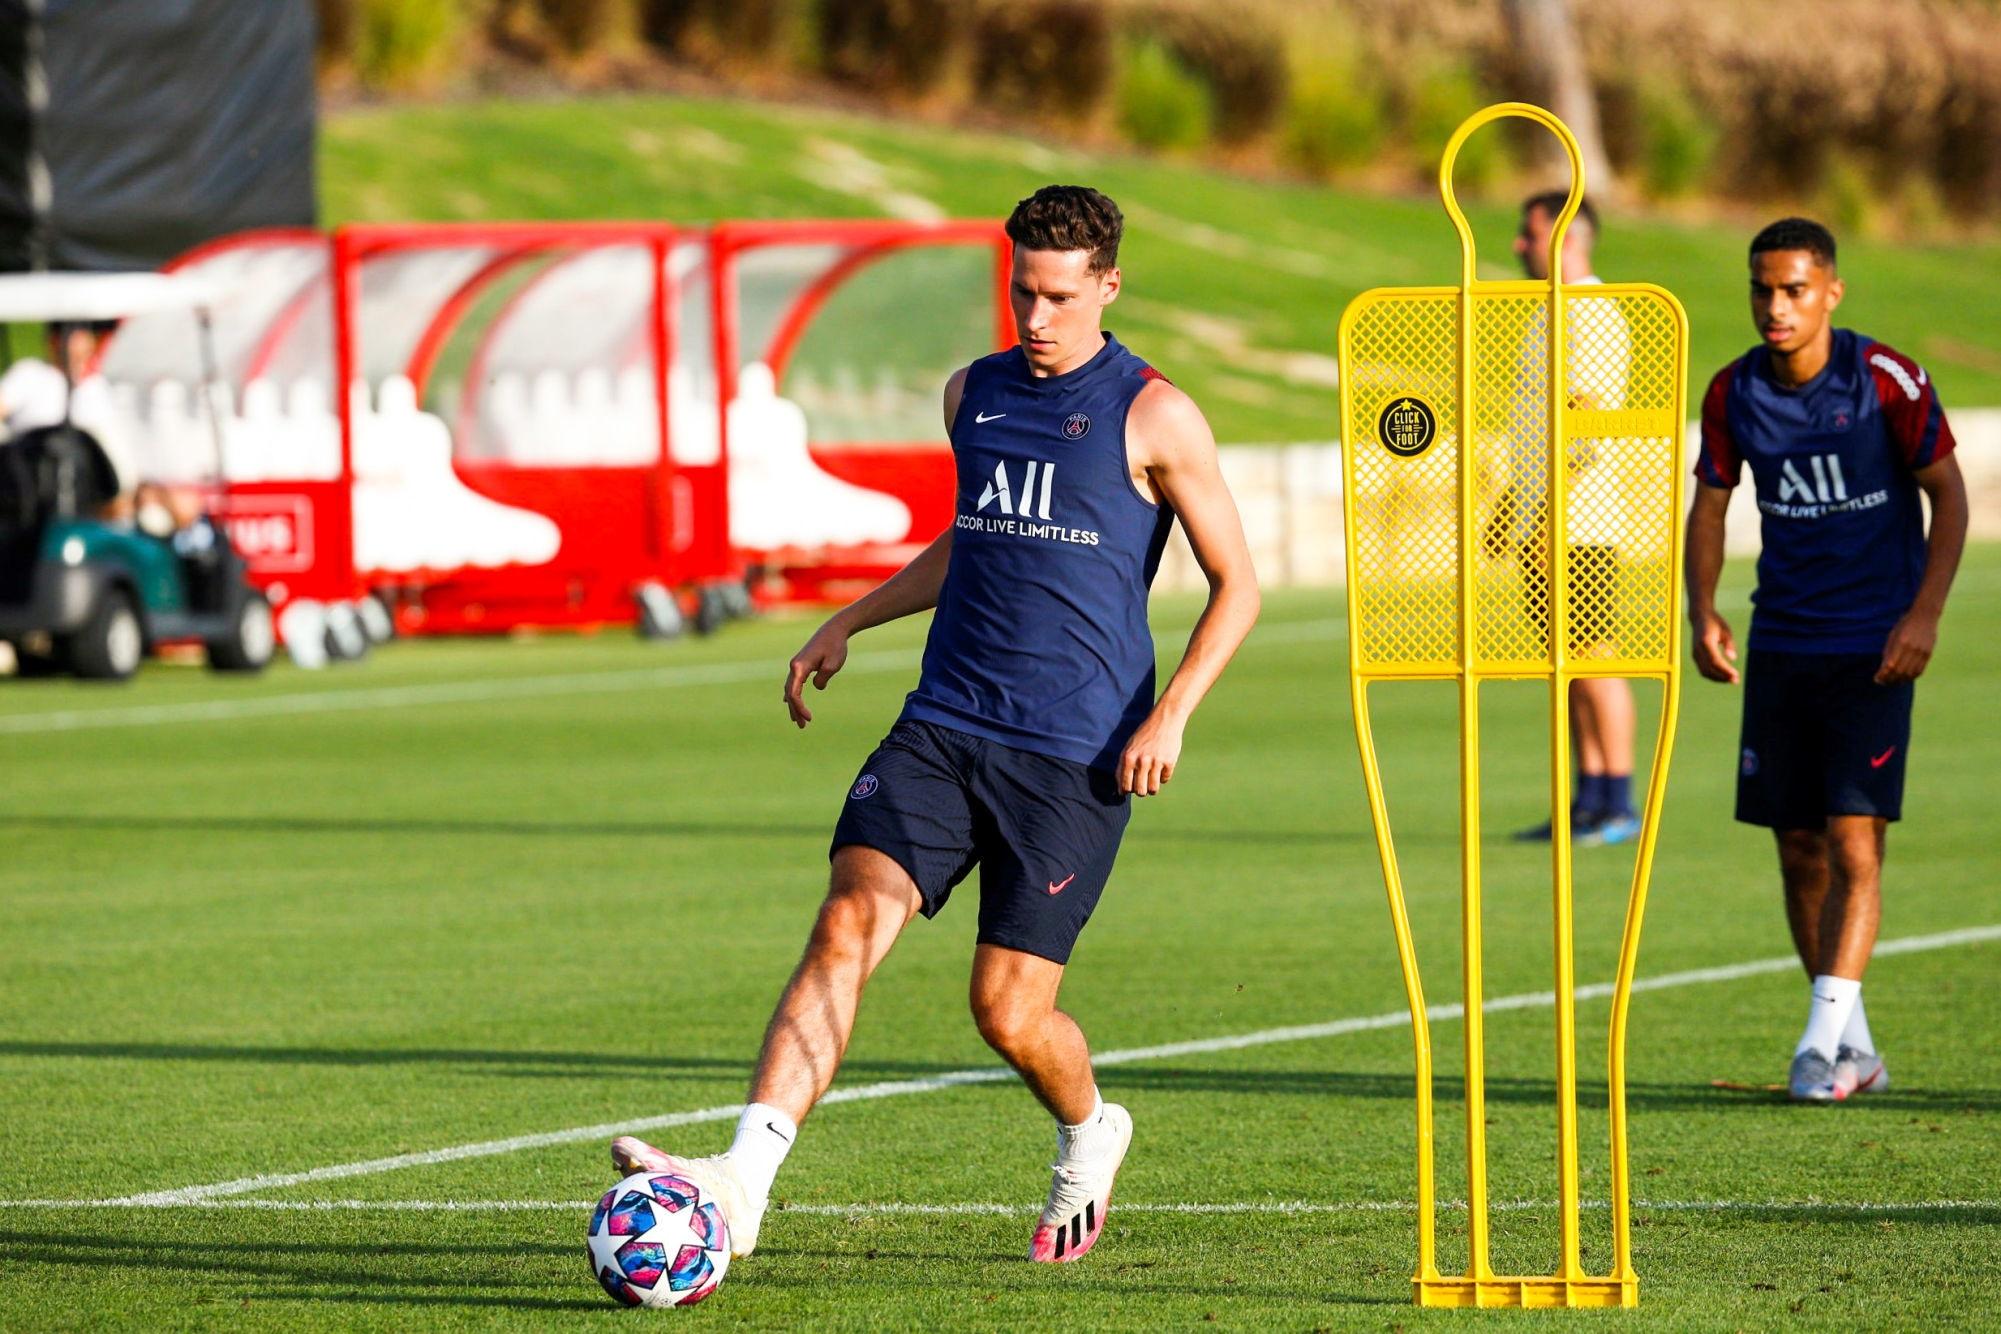 Mercato - Dralxer intéresse aussi le FC Séville et le Bayern Munich, selon AS